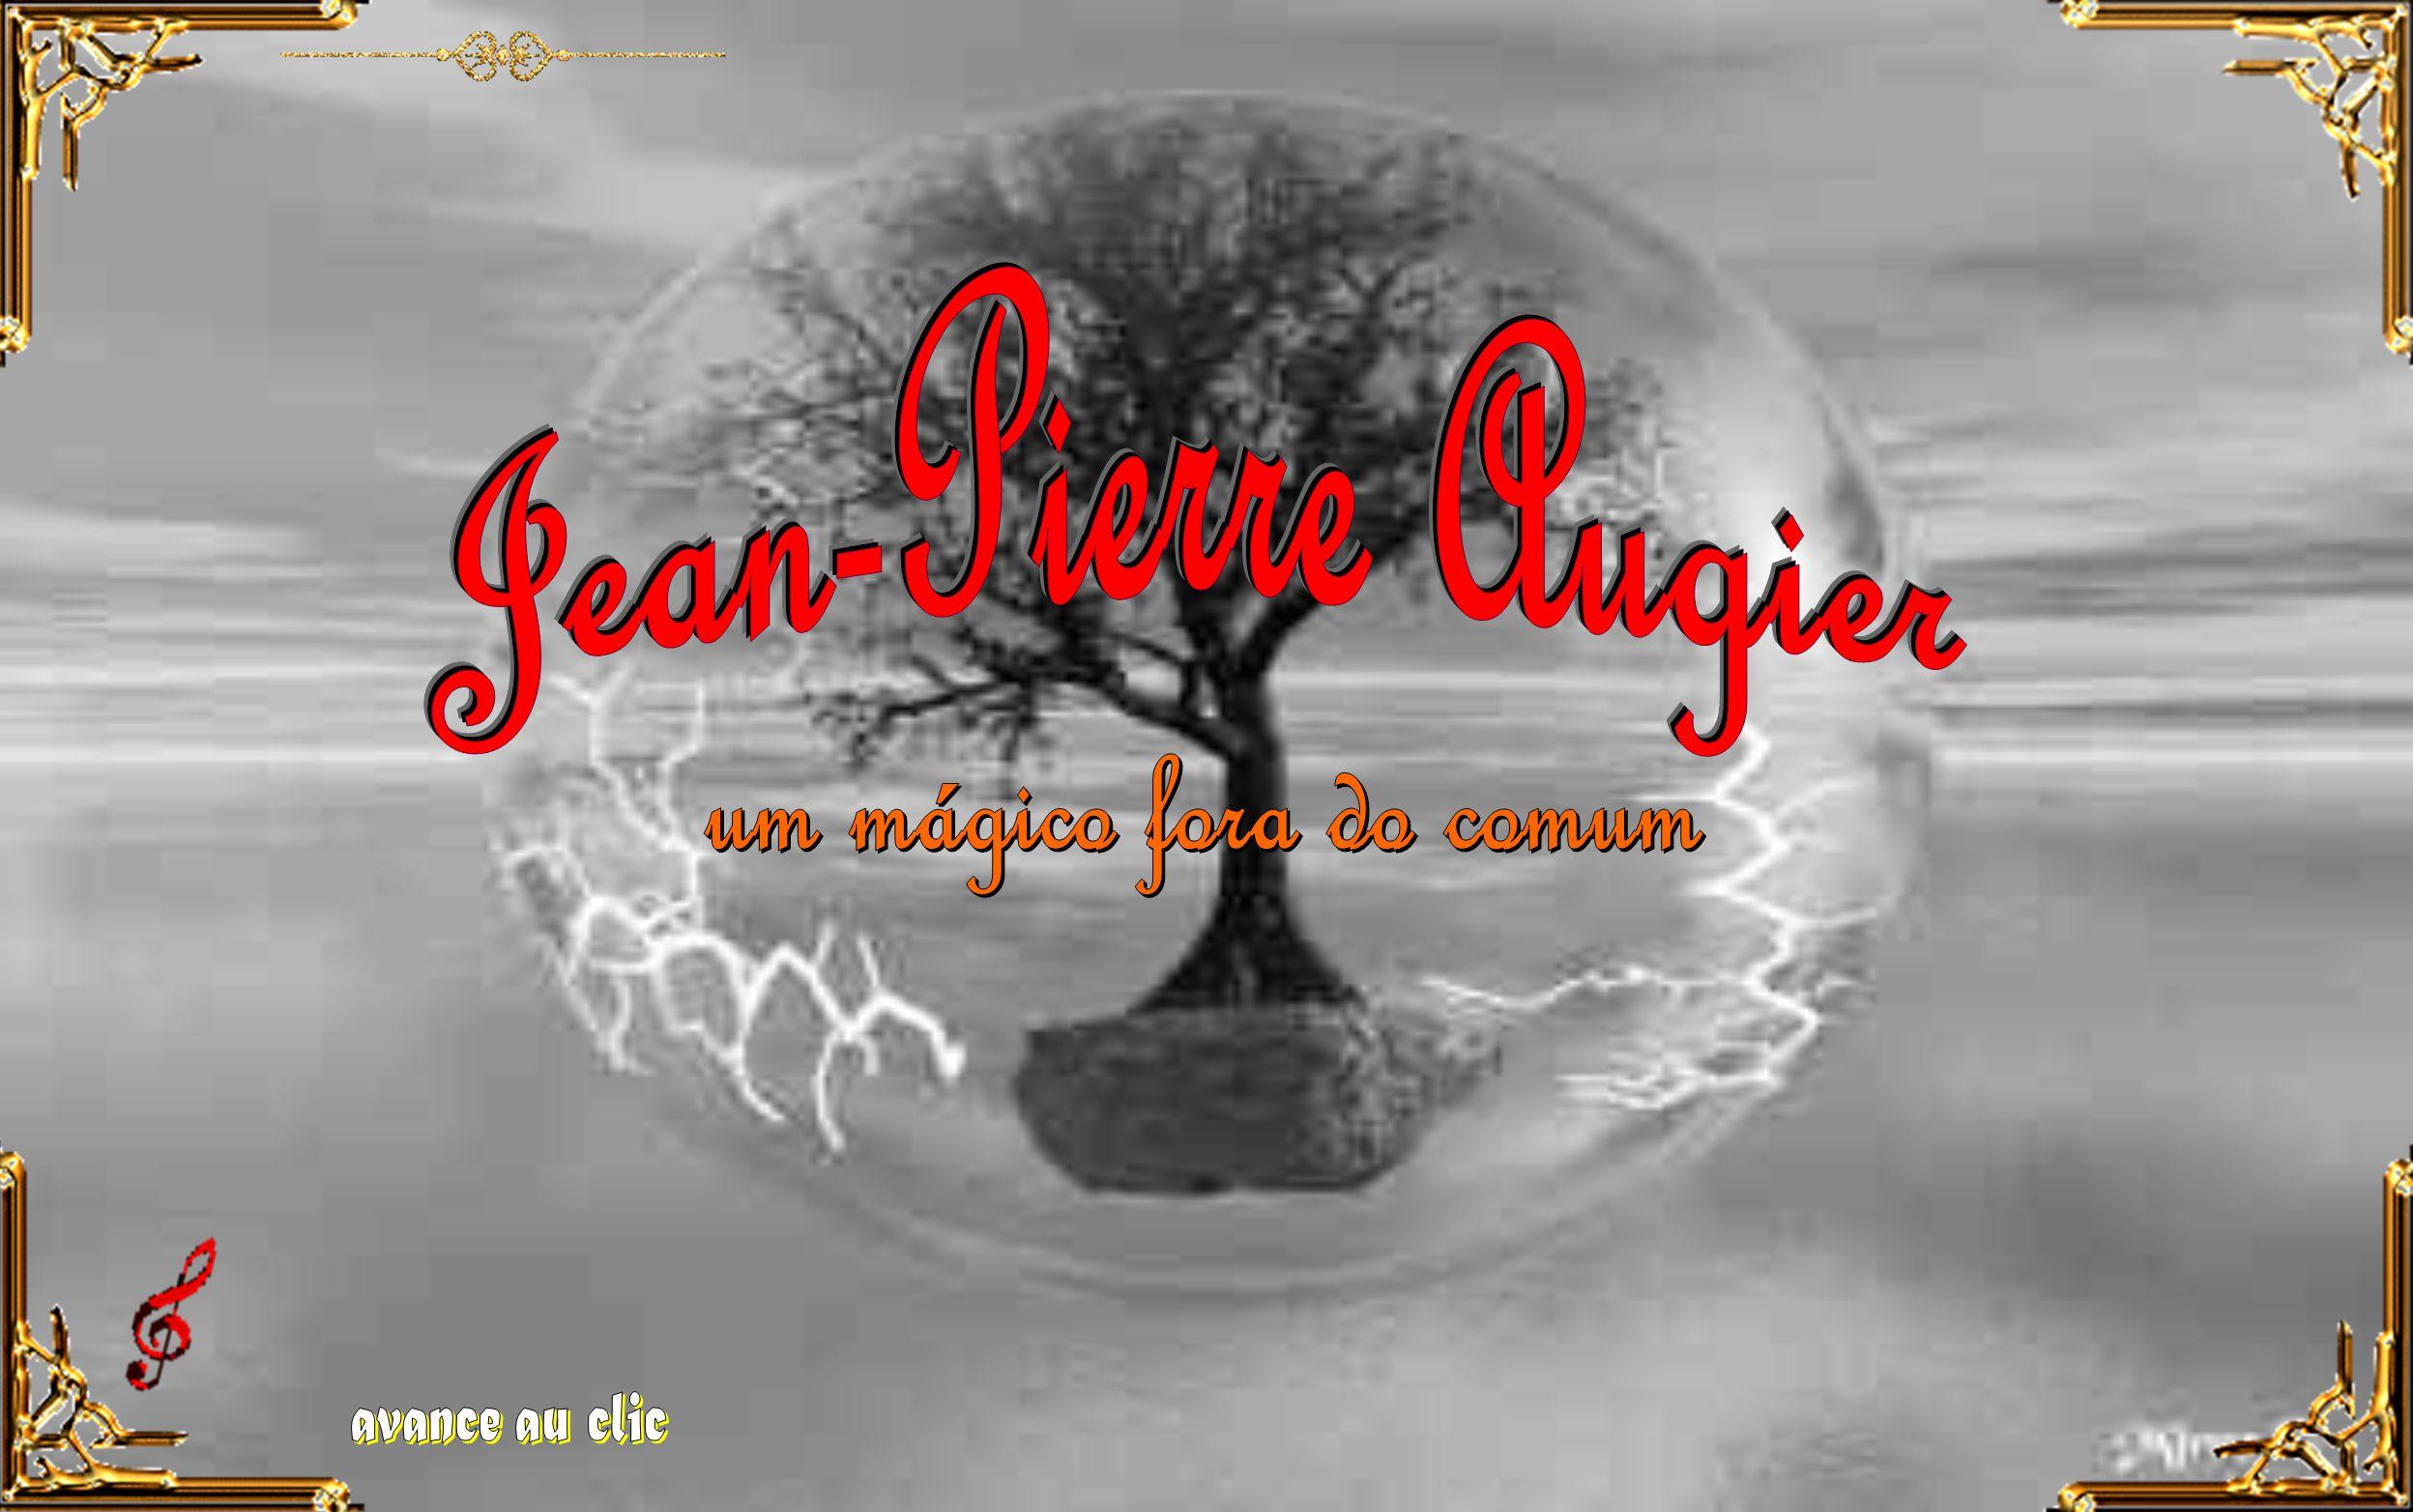 Jean-Pierre Augier um mágico fora do comum